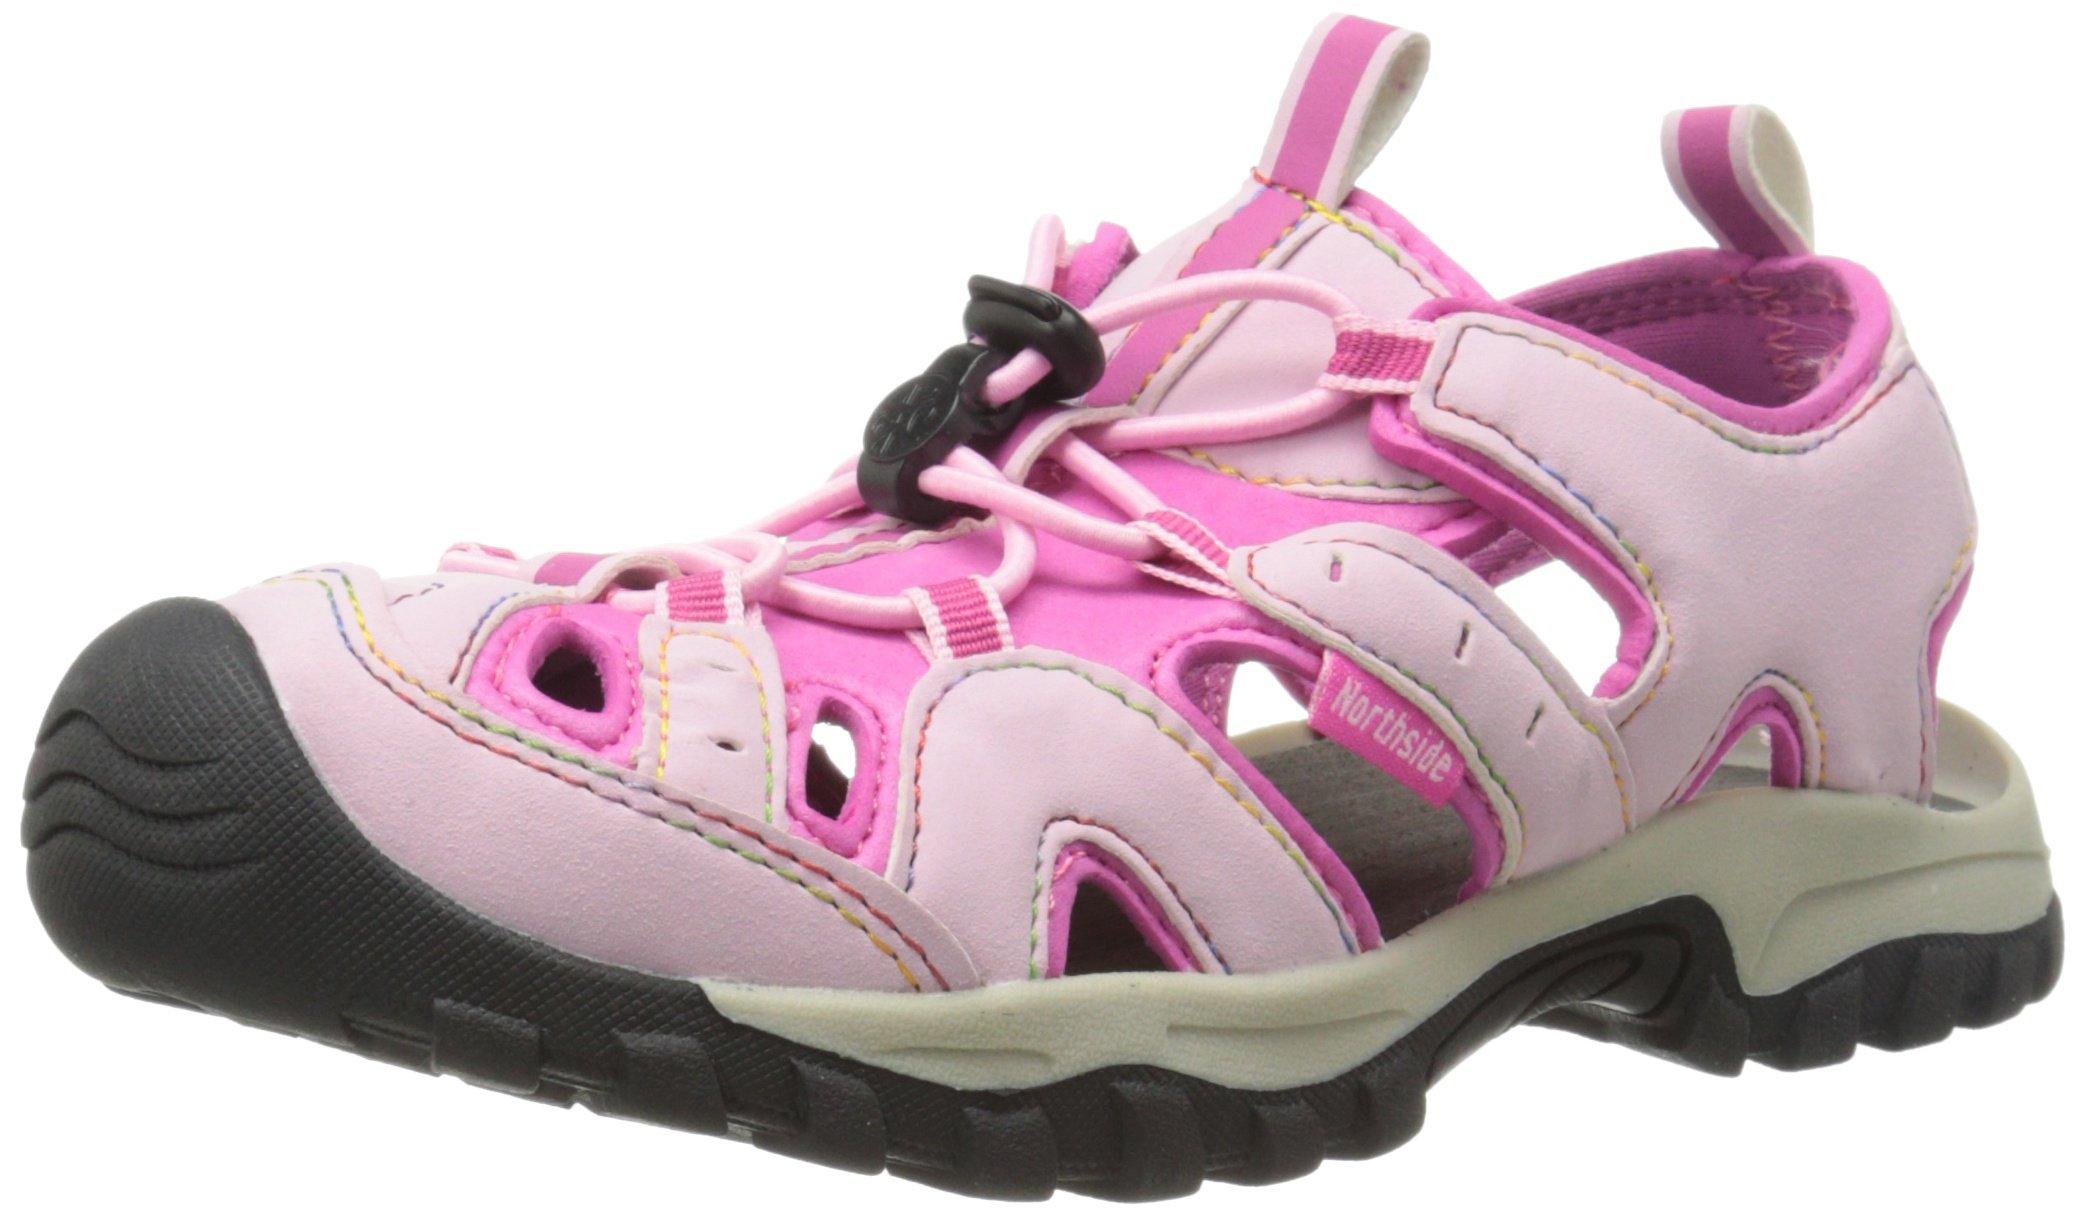 Northside Burke II Athletic Sandal,Pink/Fuchsia,3 M US Little Kid